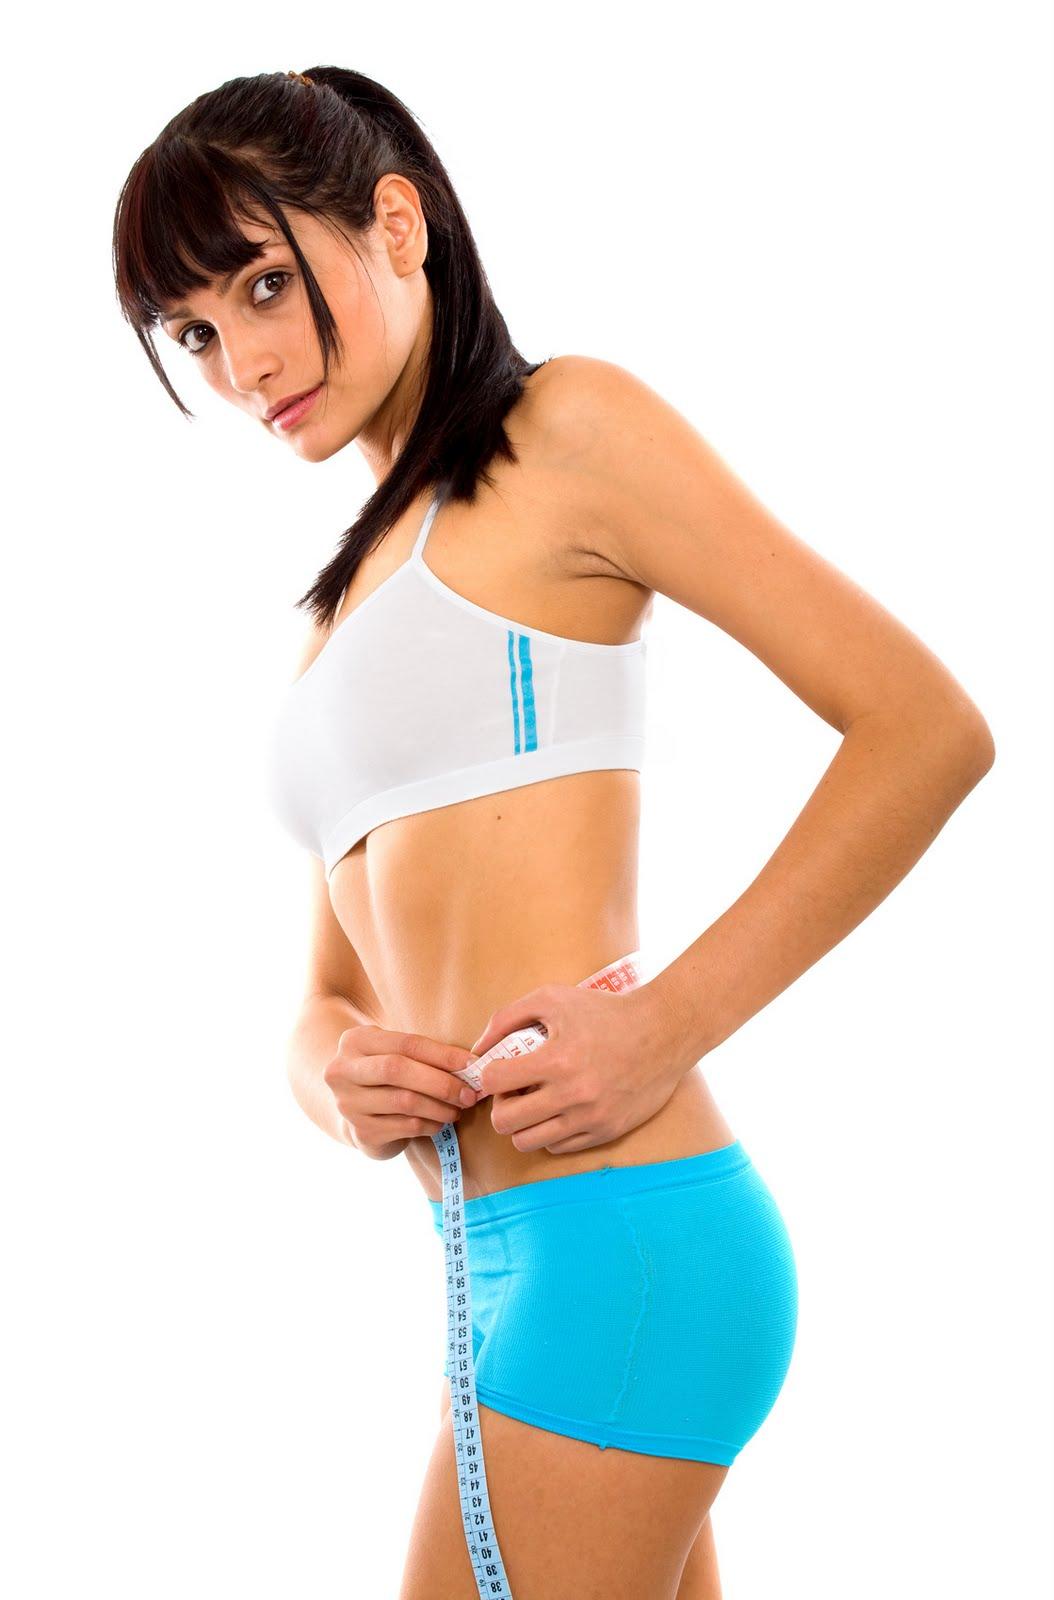 http://2.bp.blogspot.com/-LngAjRQaKUQ/TbGv3-7vg6I/AAAAAAAAAKM/6OLoFuW2UHU/s1600/diet.jpg